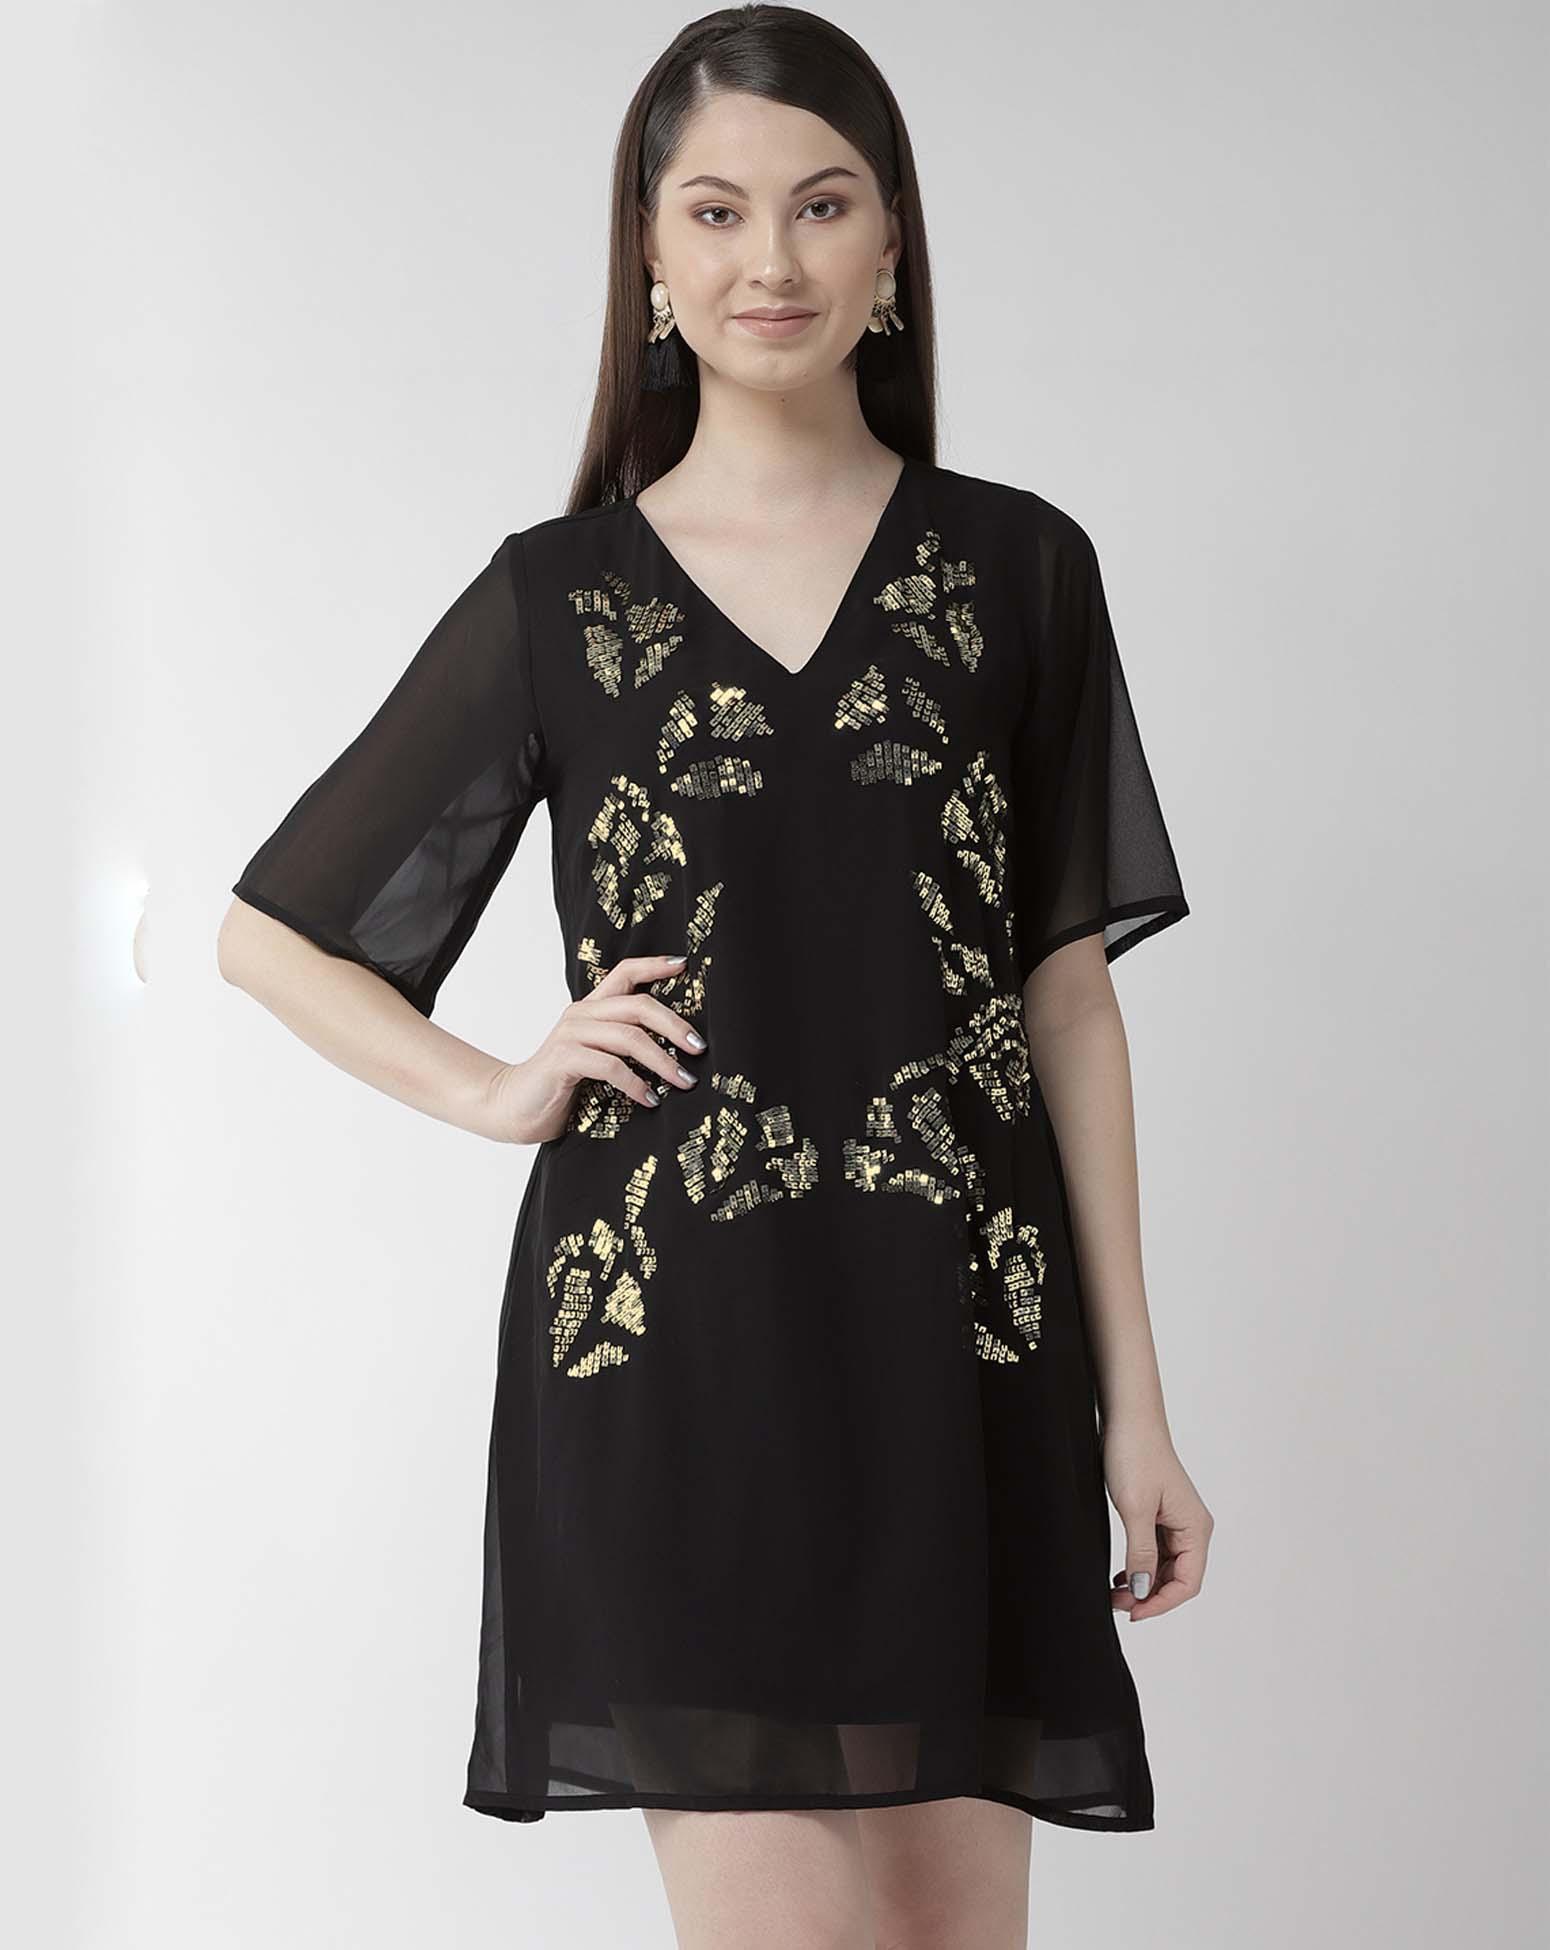 Embellished A-line Black Dress